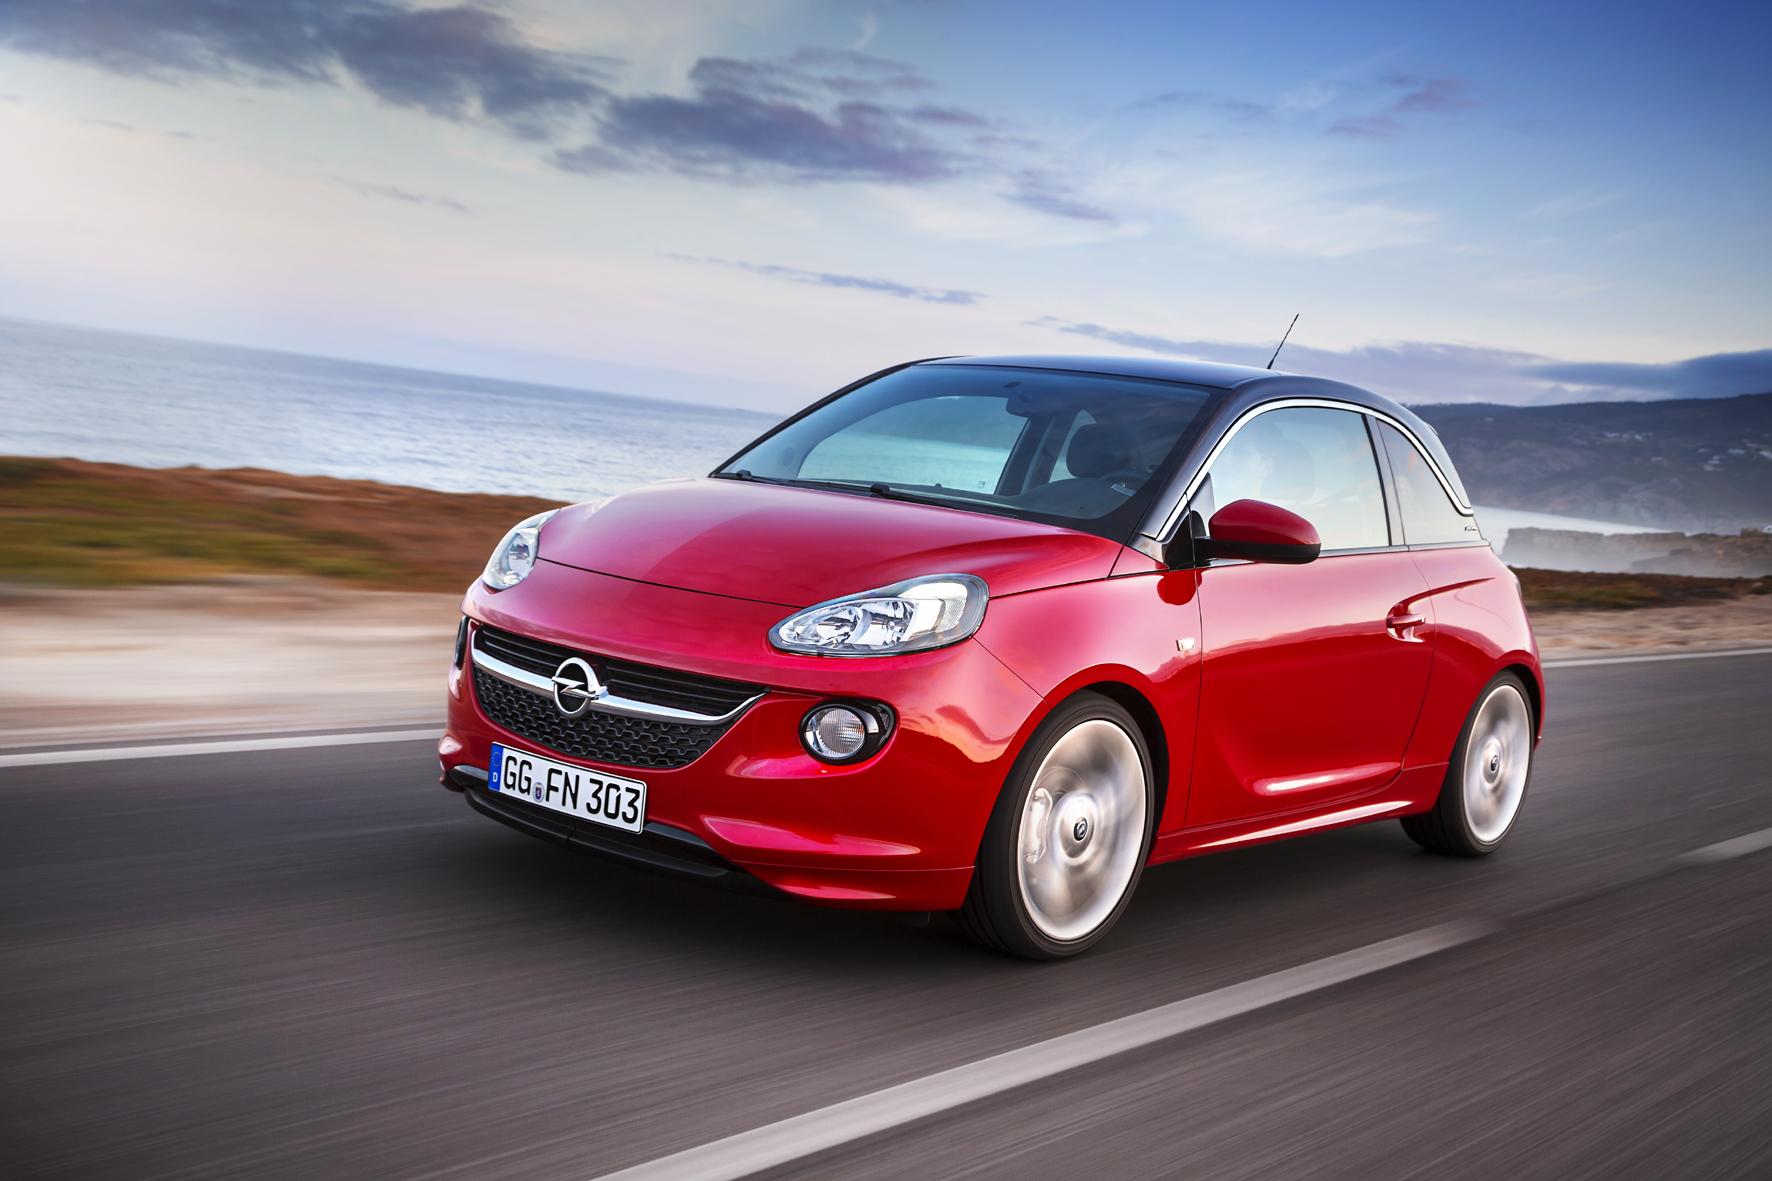 Felgen-Probleme: Rückruf für Opel Adam